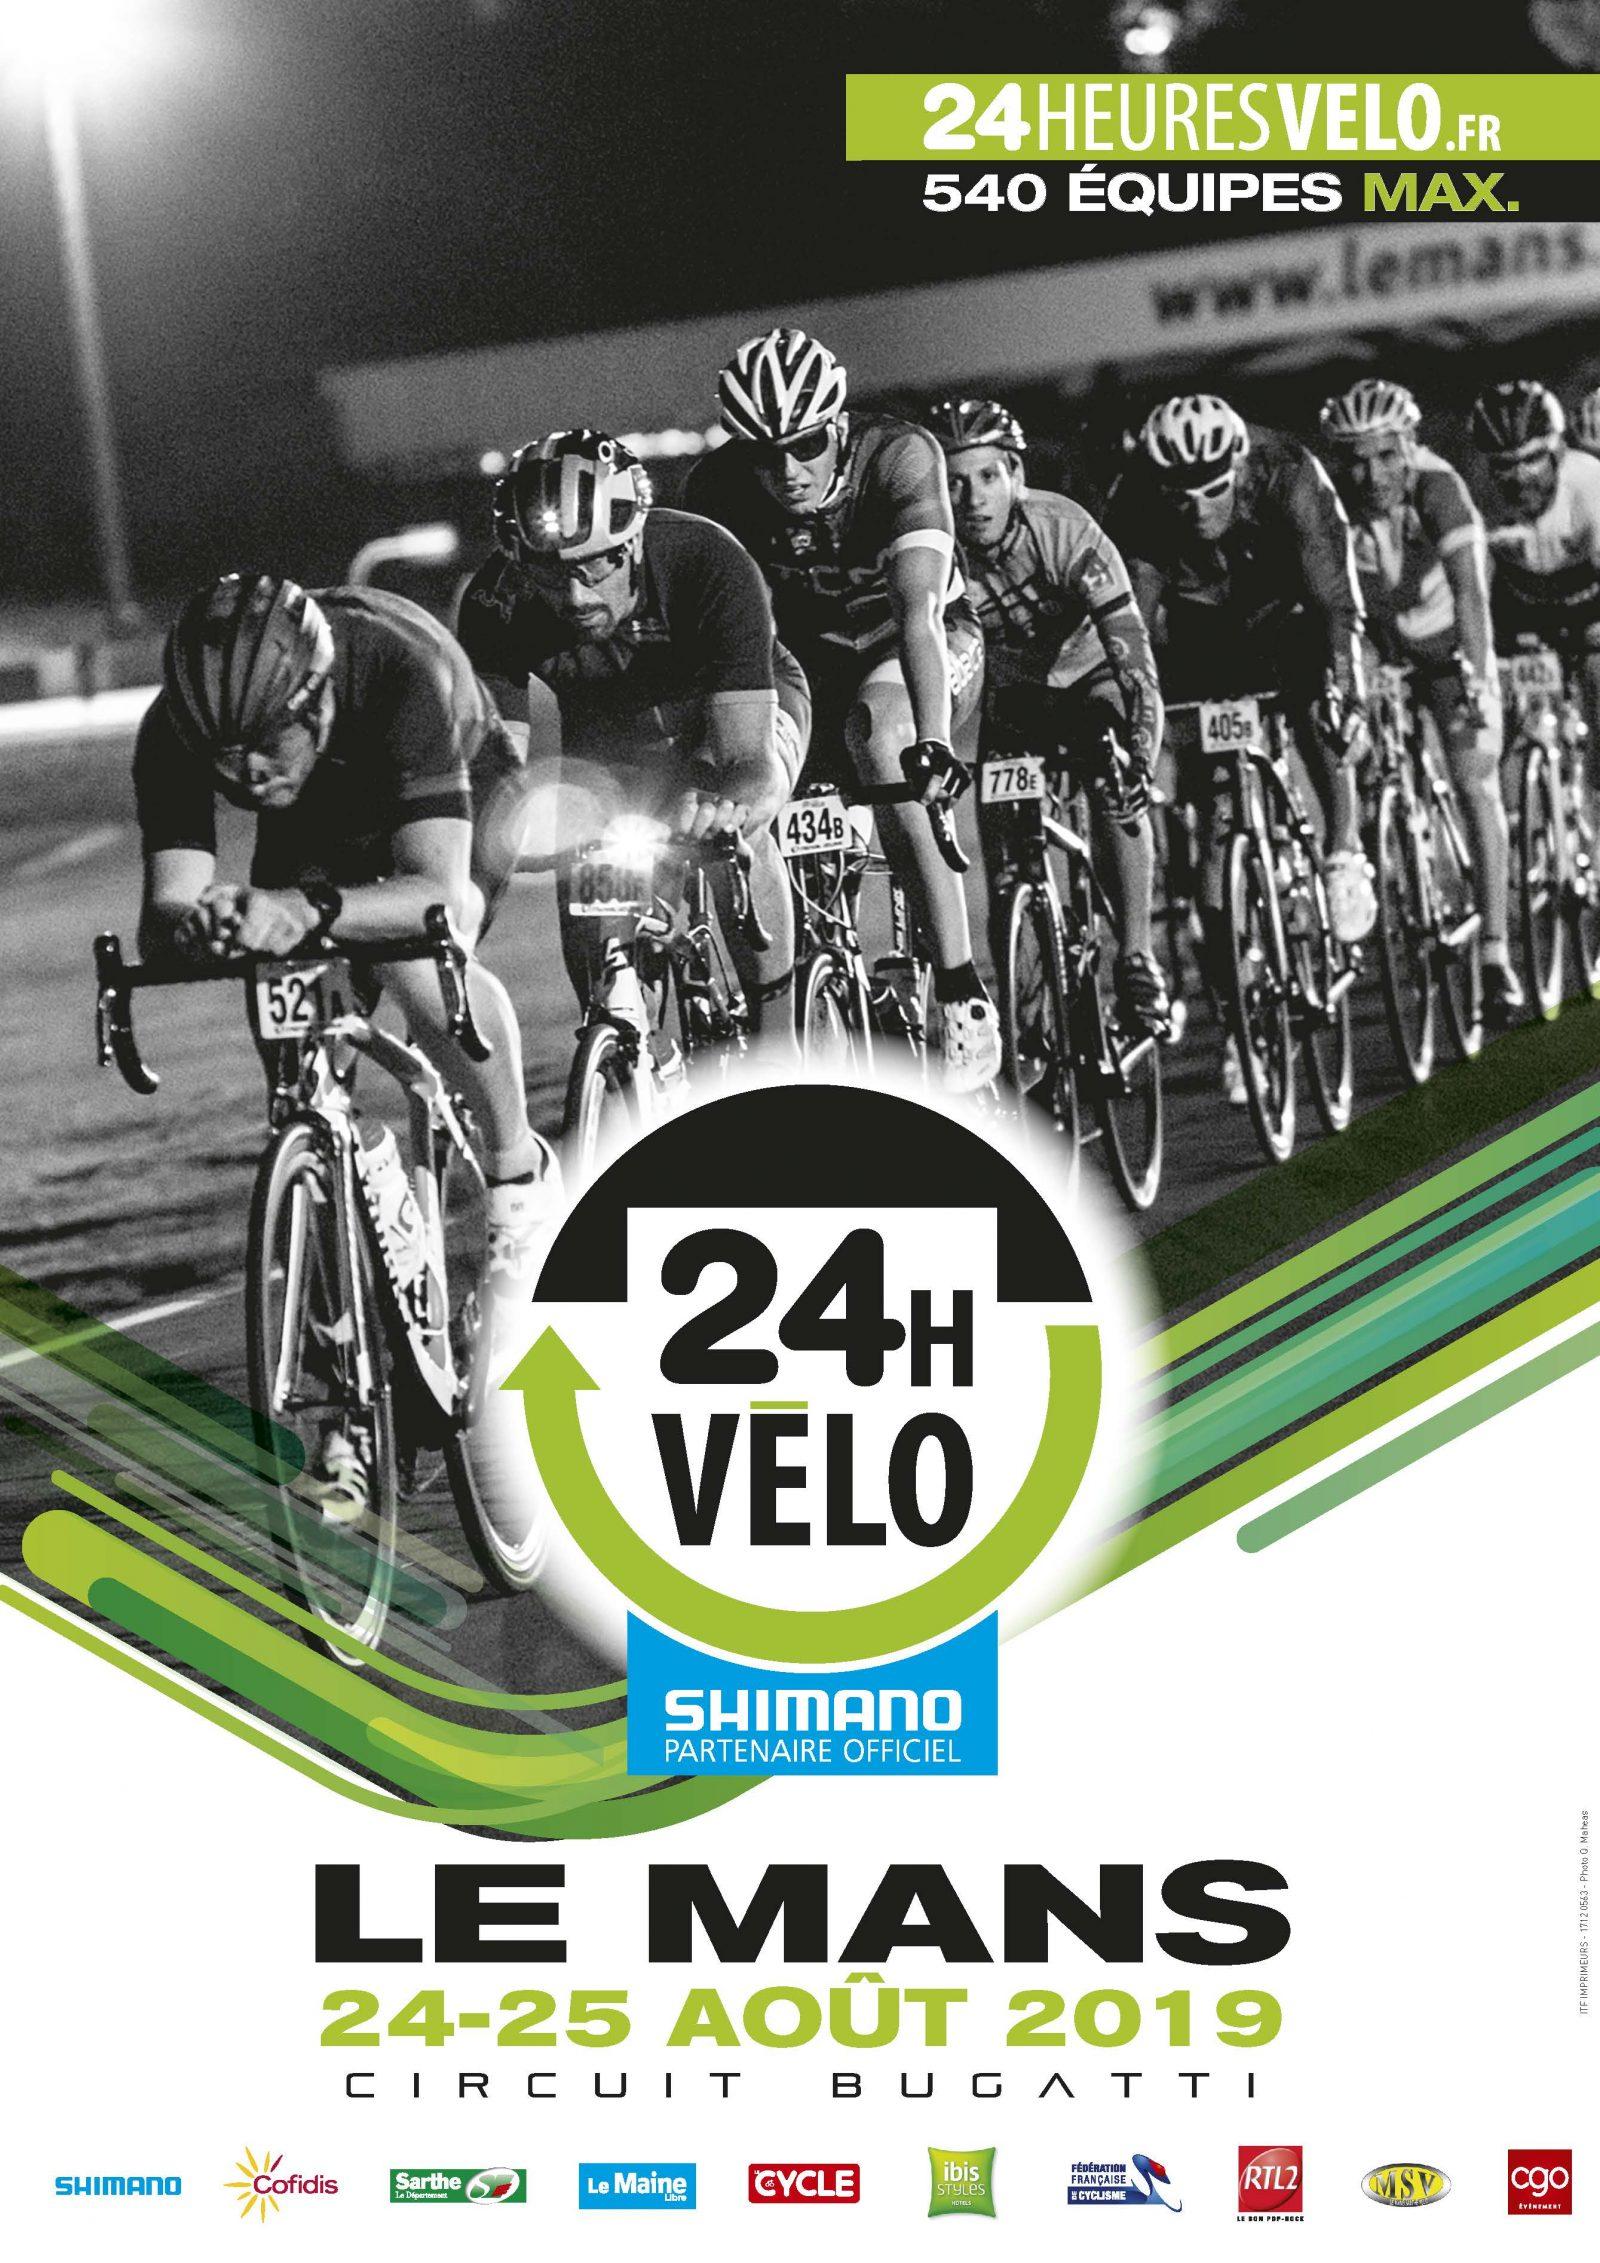 24 heures de Team-Building… à vélo !